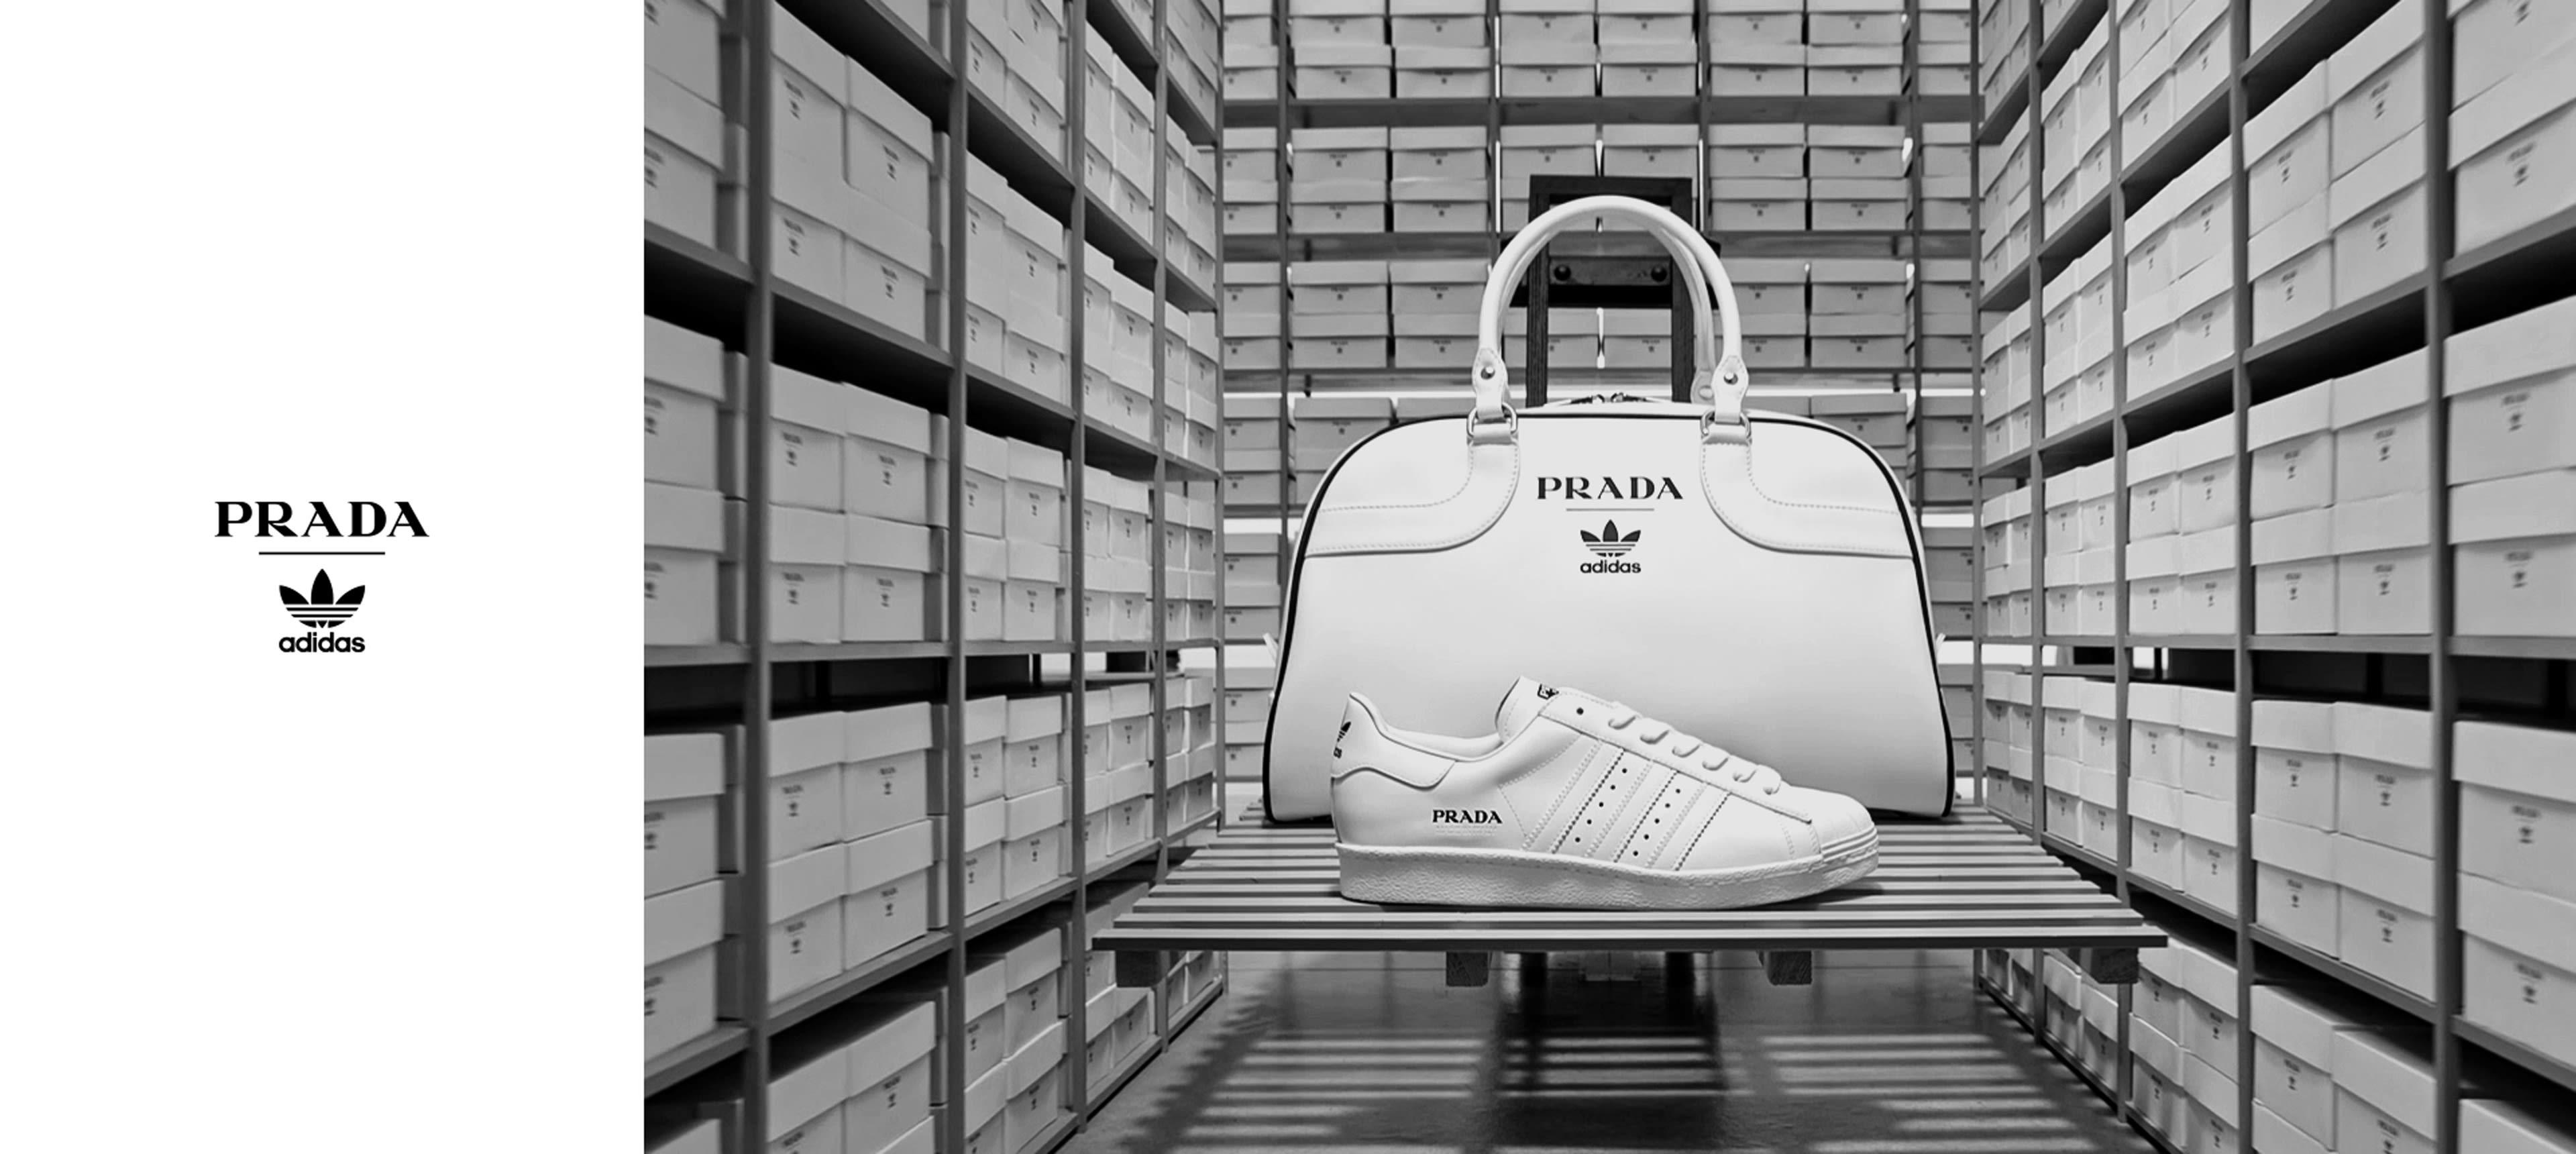 Prada for adidas | adidas Originals